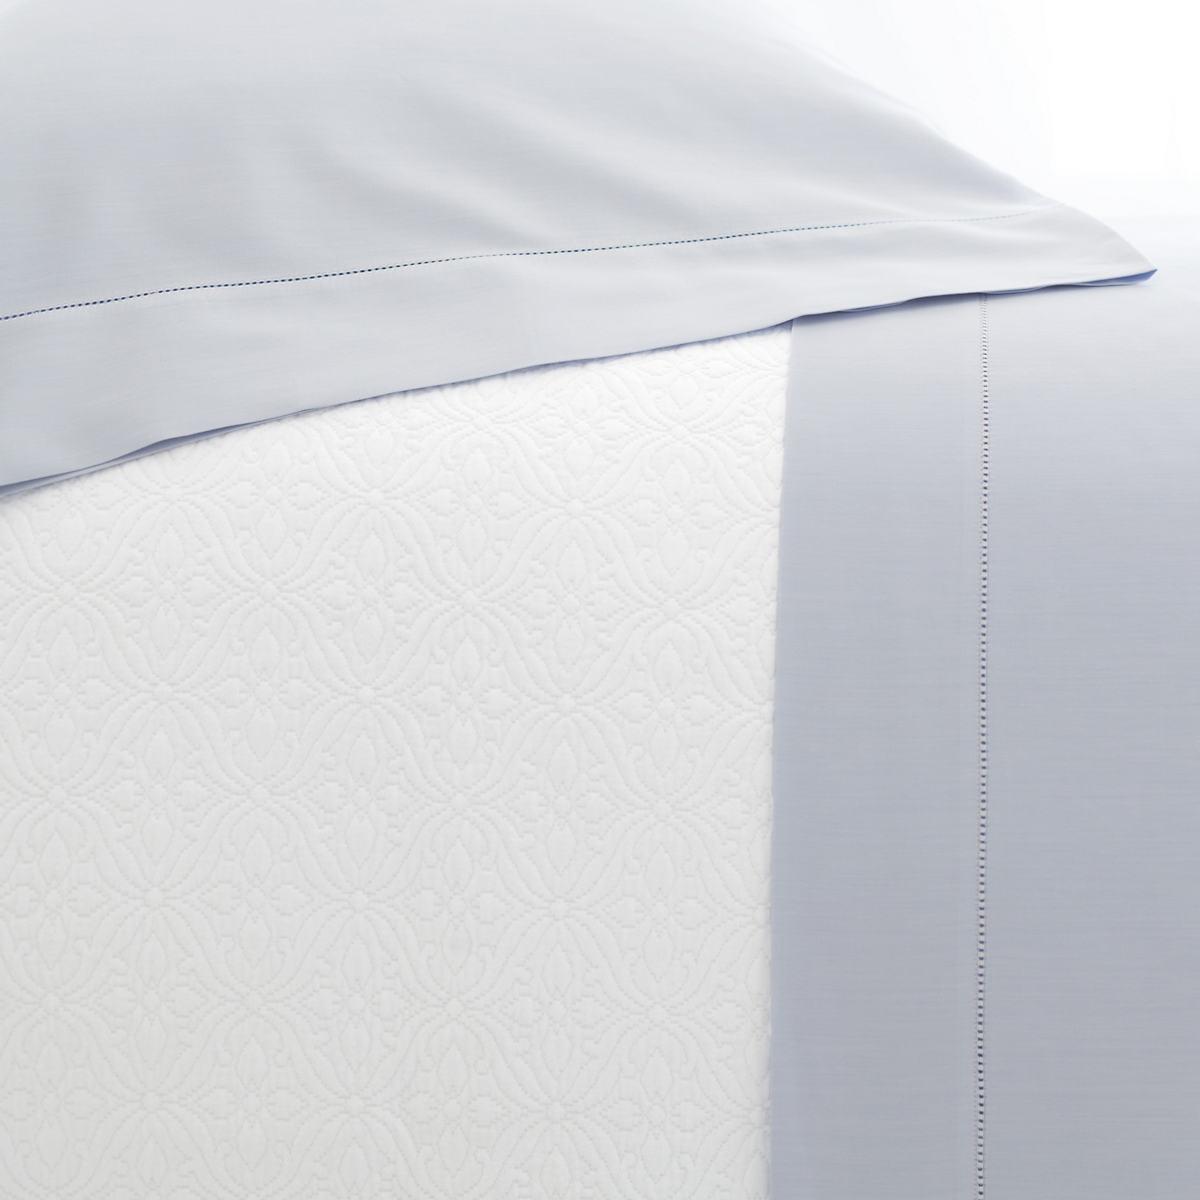 Carina Delphinium Pillowcases